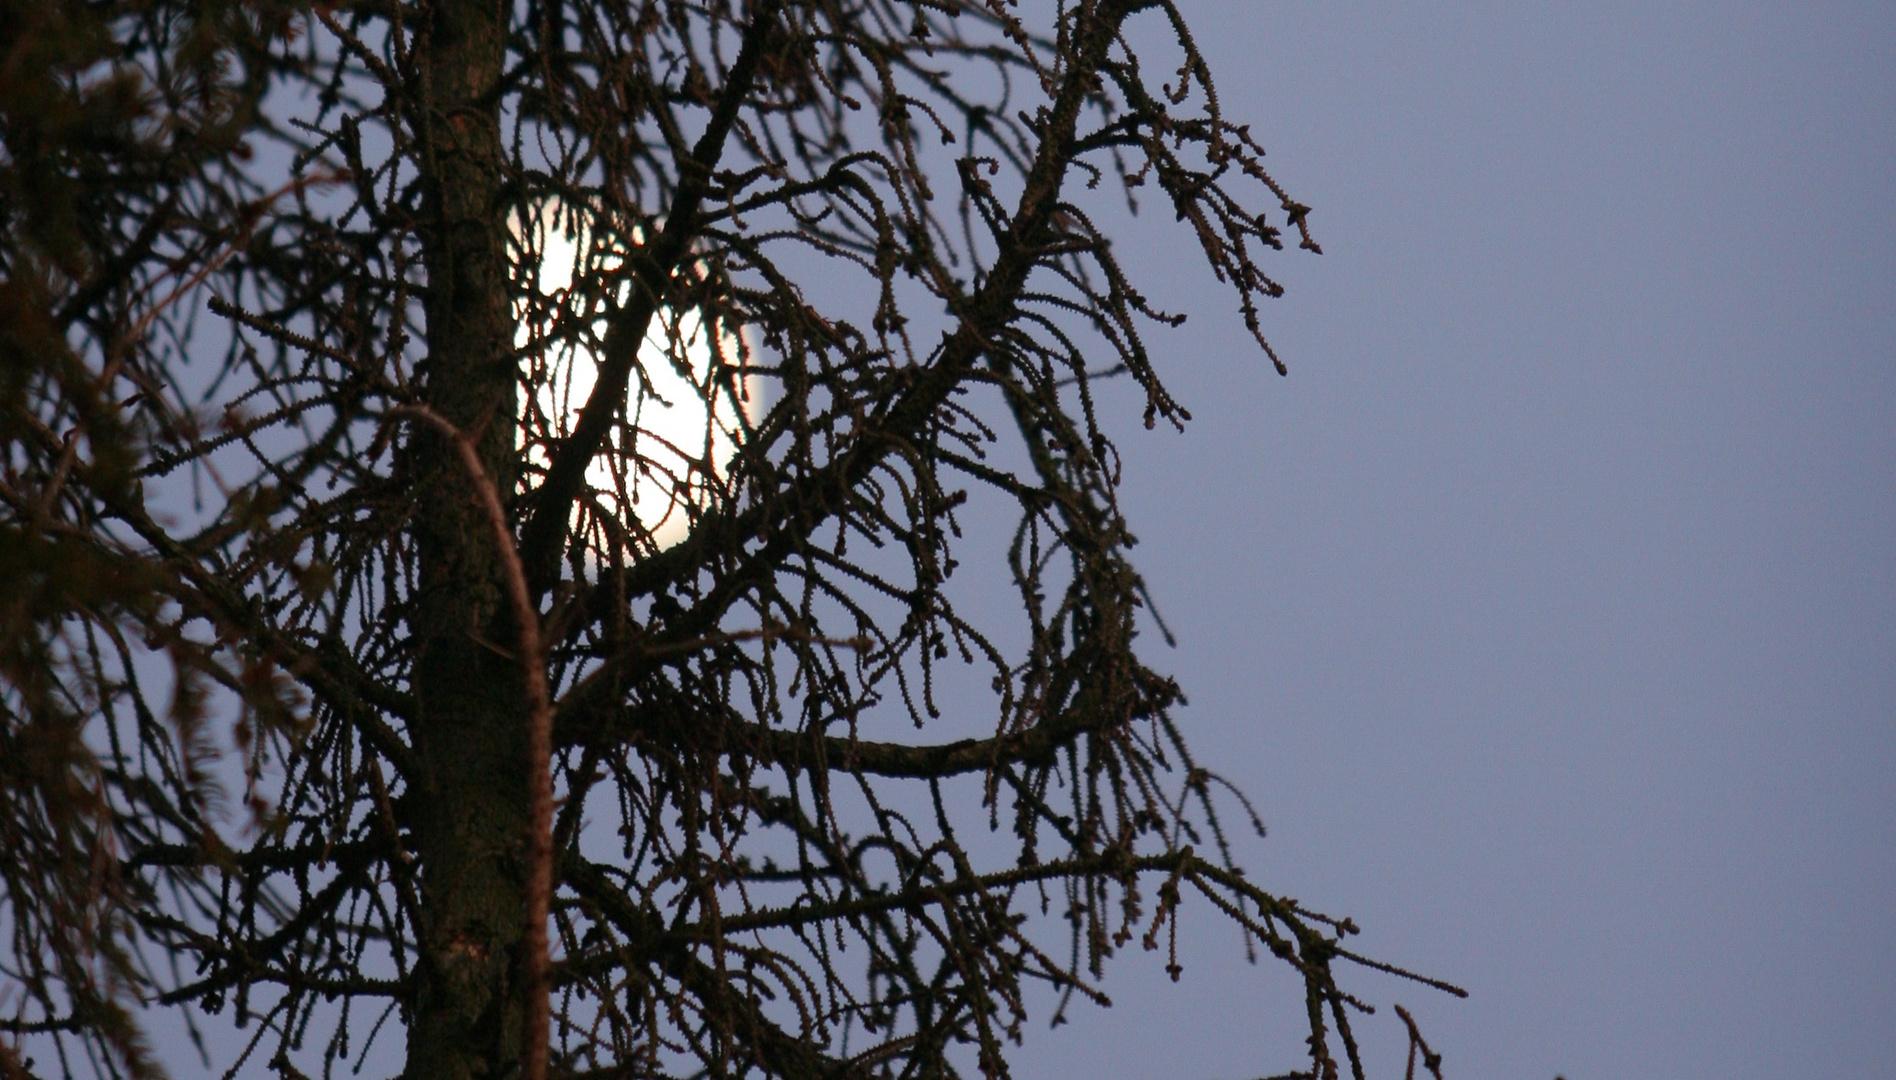 Nadelbaum - jedenfalls war es mal einer